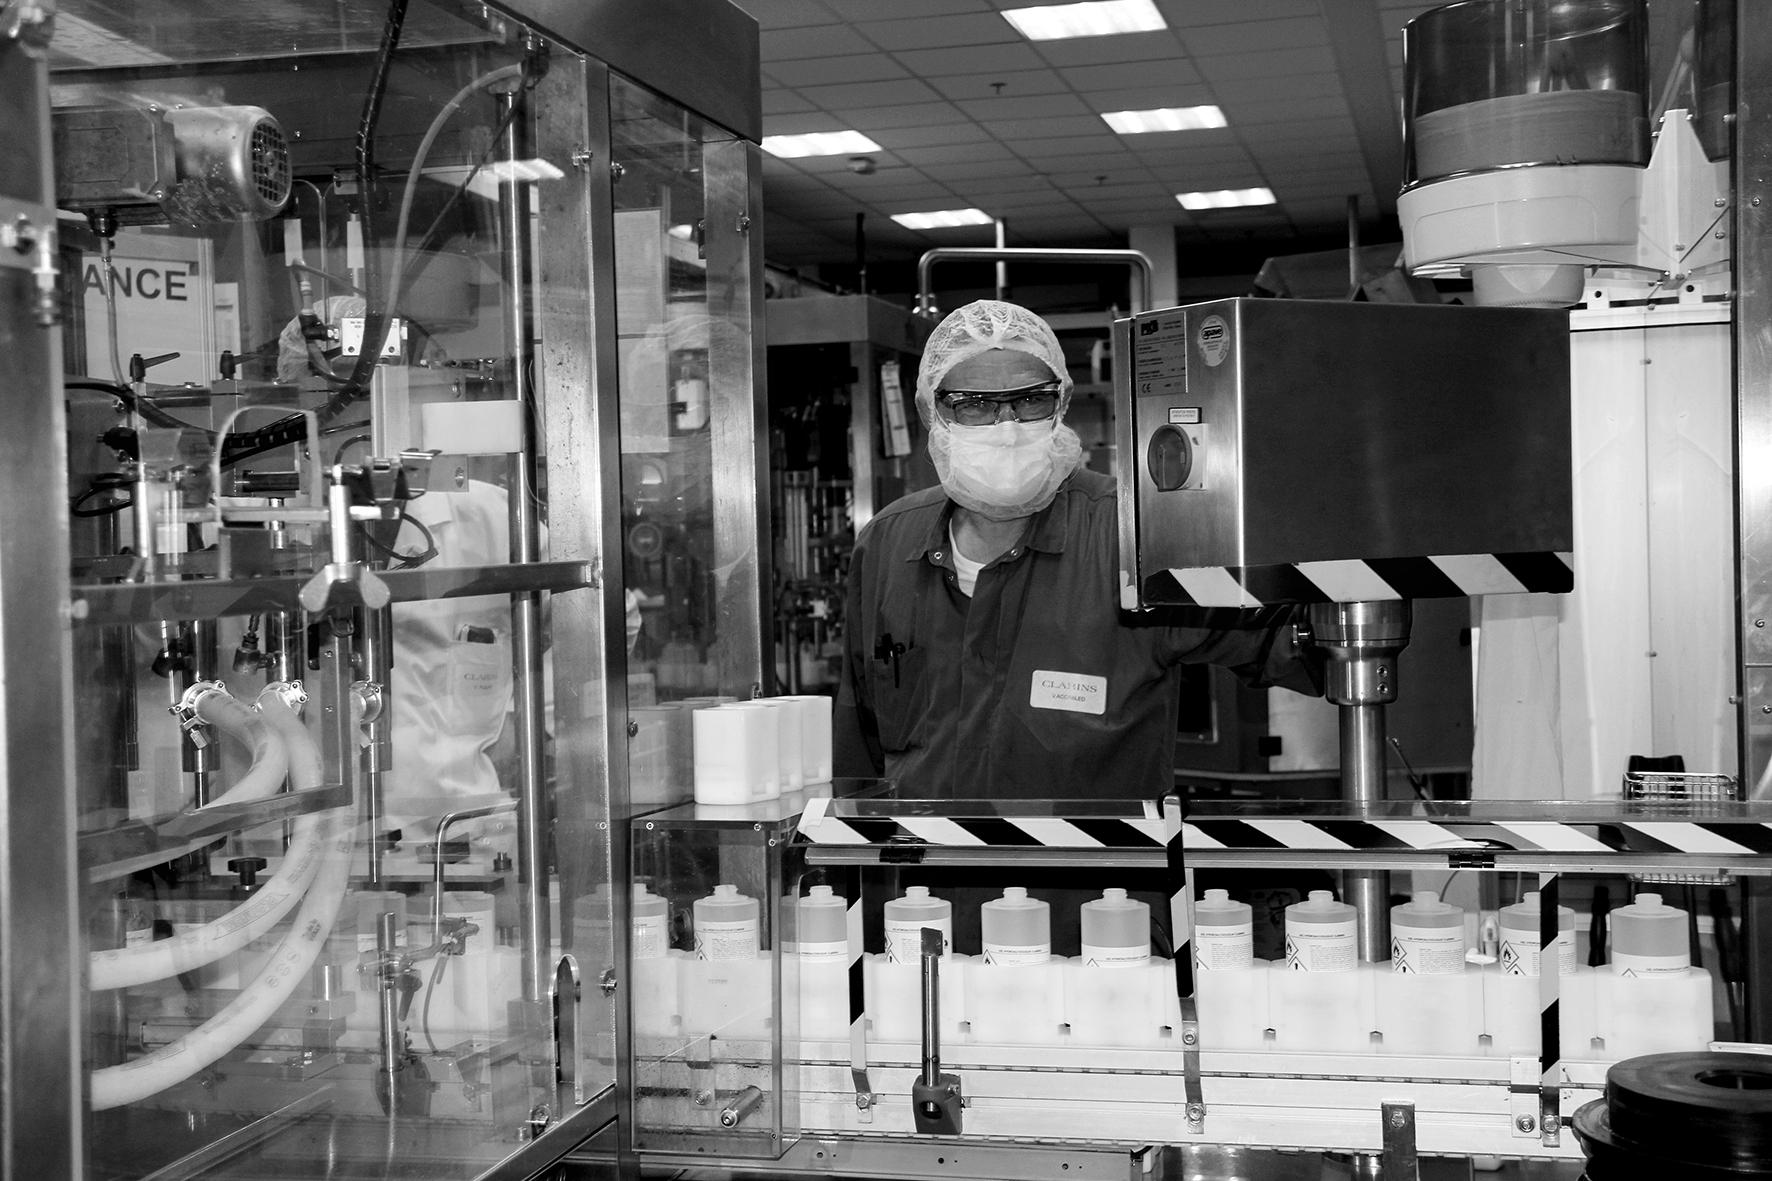 Laboratorio Clarins fabricando hidroalcohólicos. Clarins ya está fabricando geles hidroalcohólicos para frenar el coronavirus